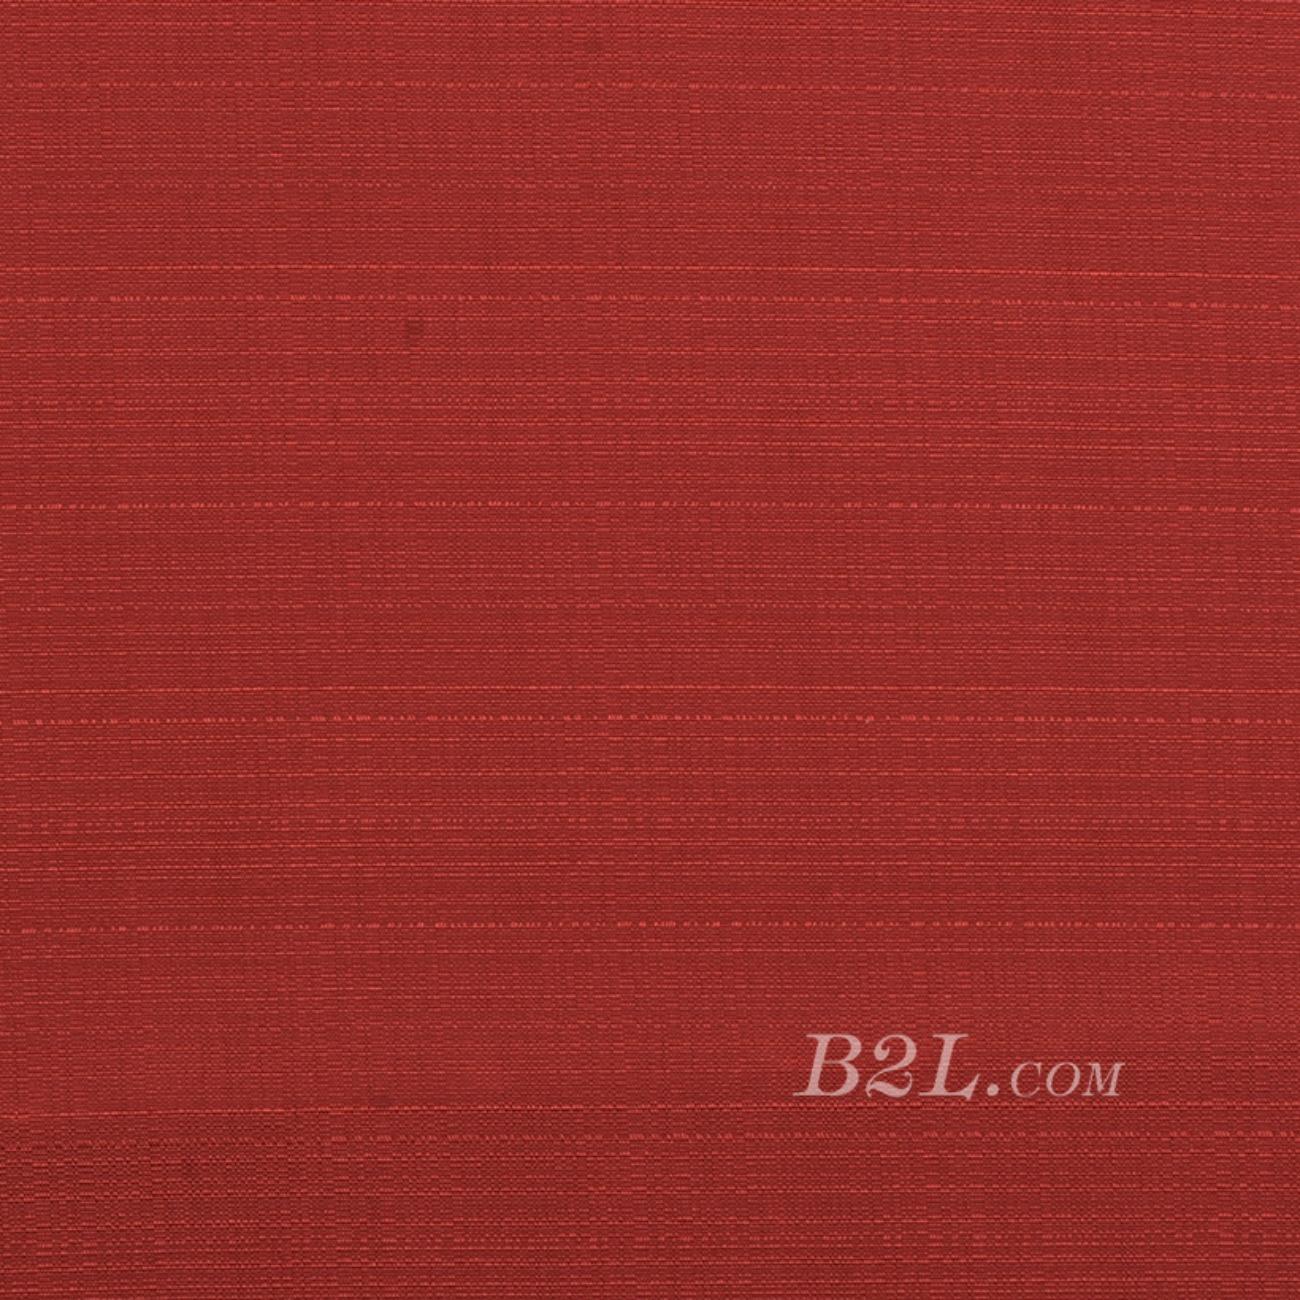 19MM 素色 梭织 高弹 弹力桑波缎 桑蚕丝 染色 连衣裙 短裙 衬衫 春 秋 柔软 薄 81201-10